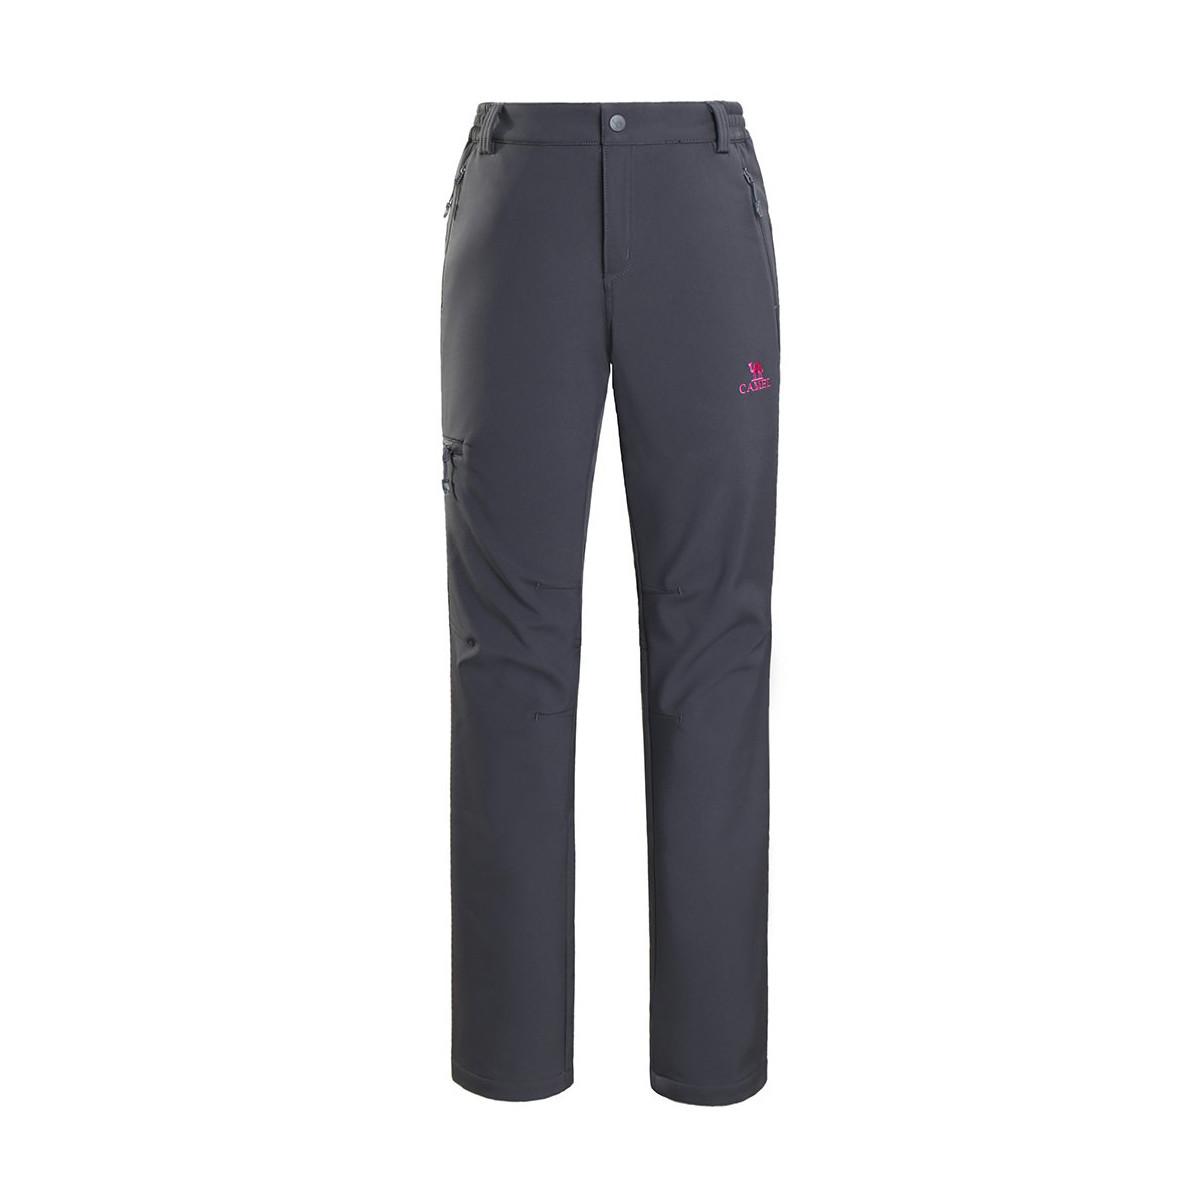 骆驼骆驼户外徒步运动登山裤透气防泼水耐磨面料 女款软壳裤13A7W31Y5102AS4